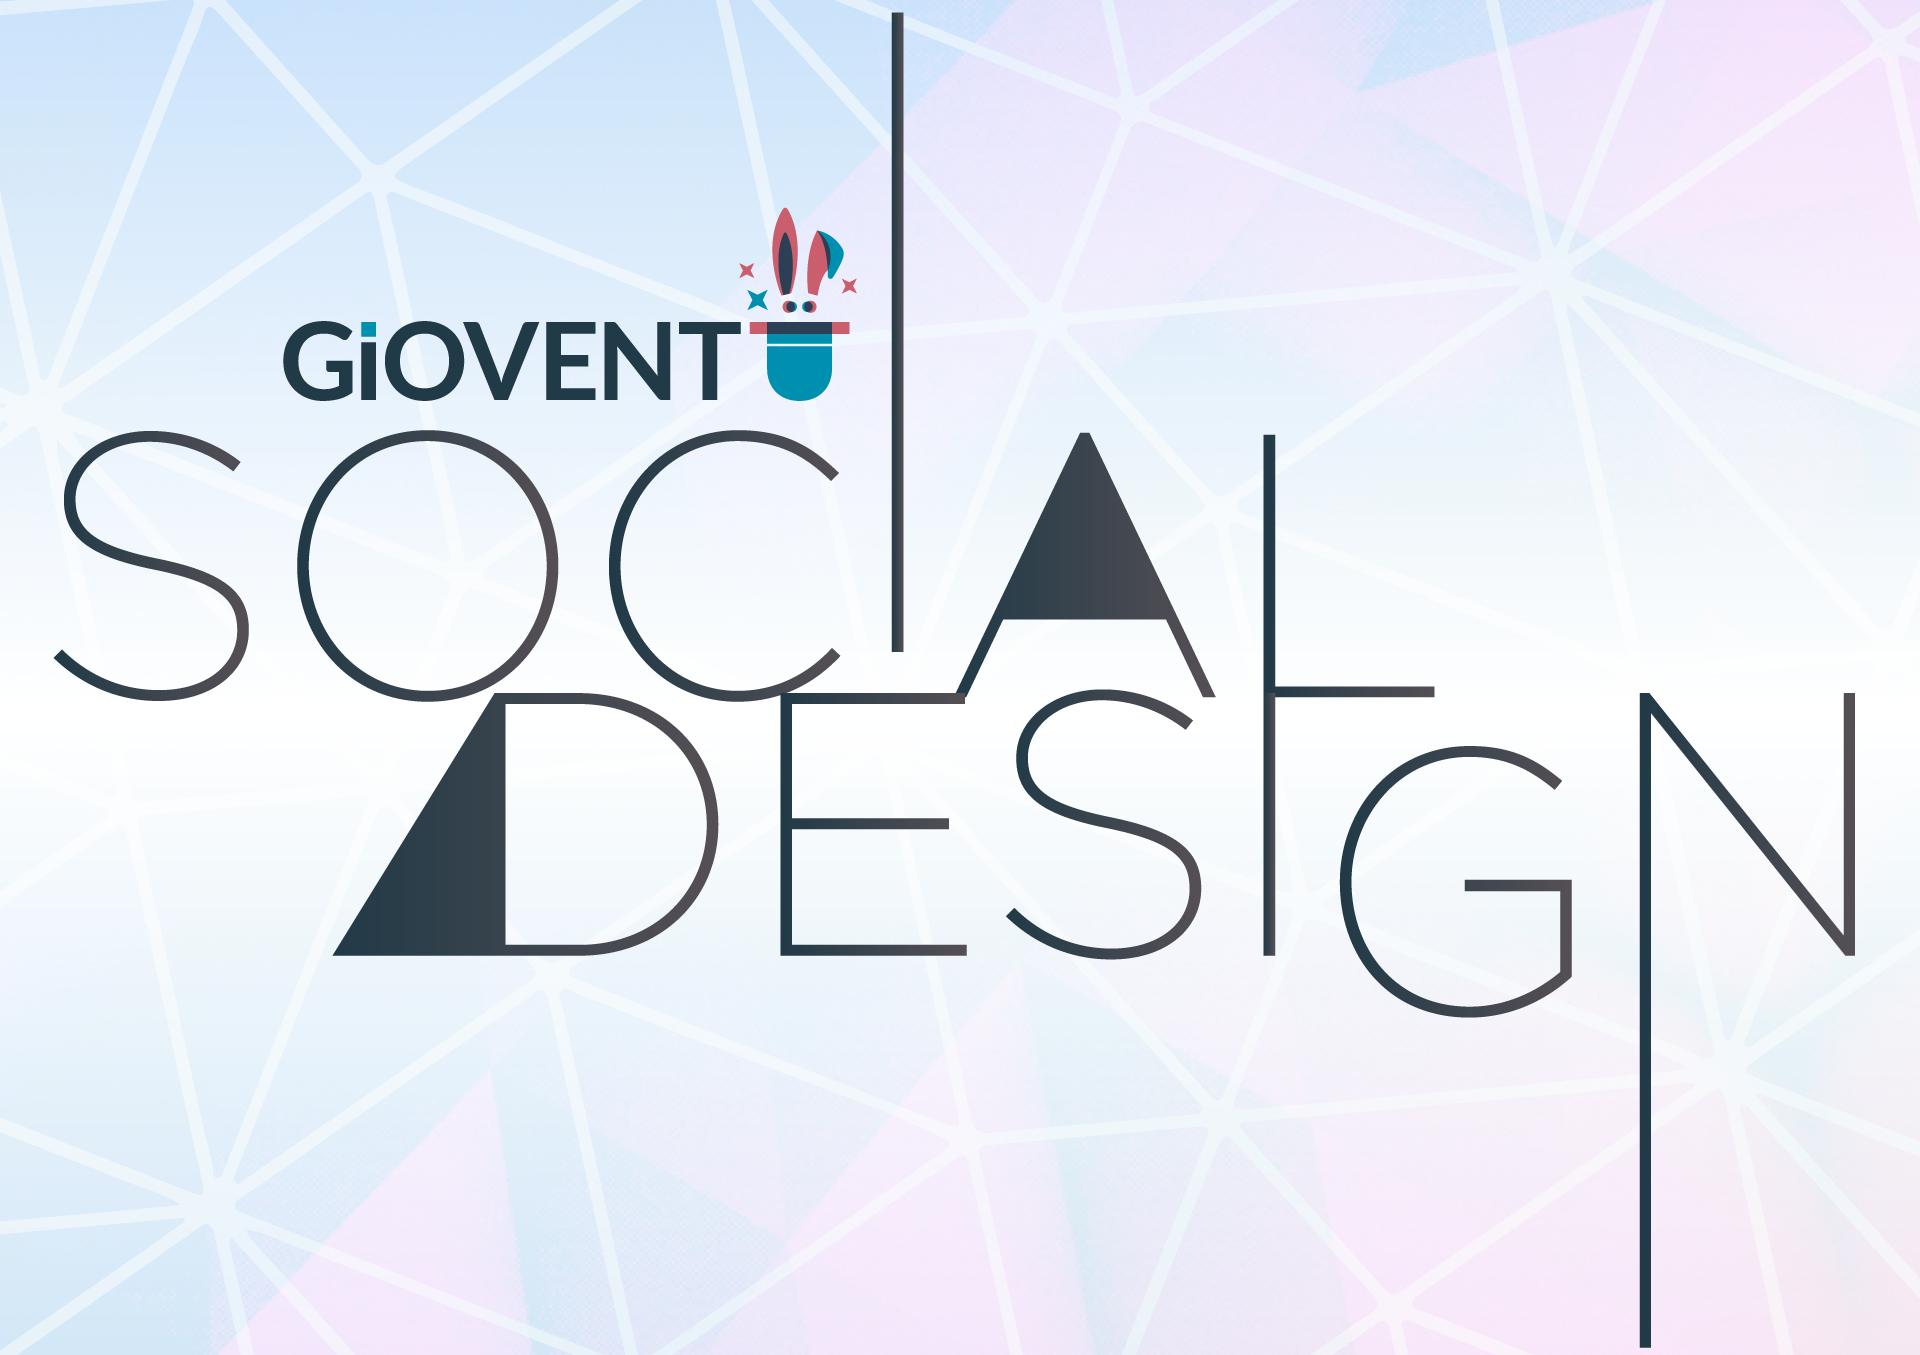 Gioven-Tu Social Design: esito del concorso